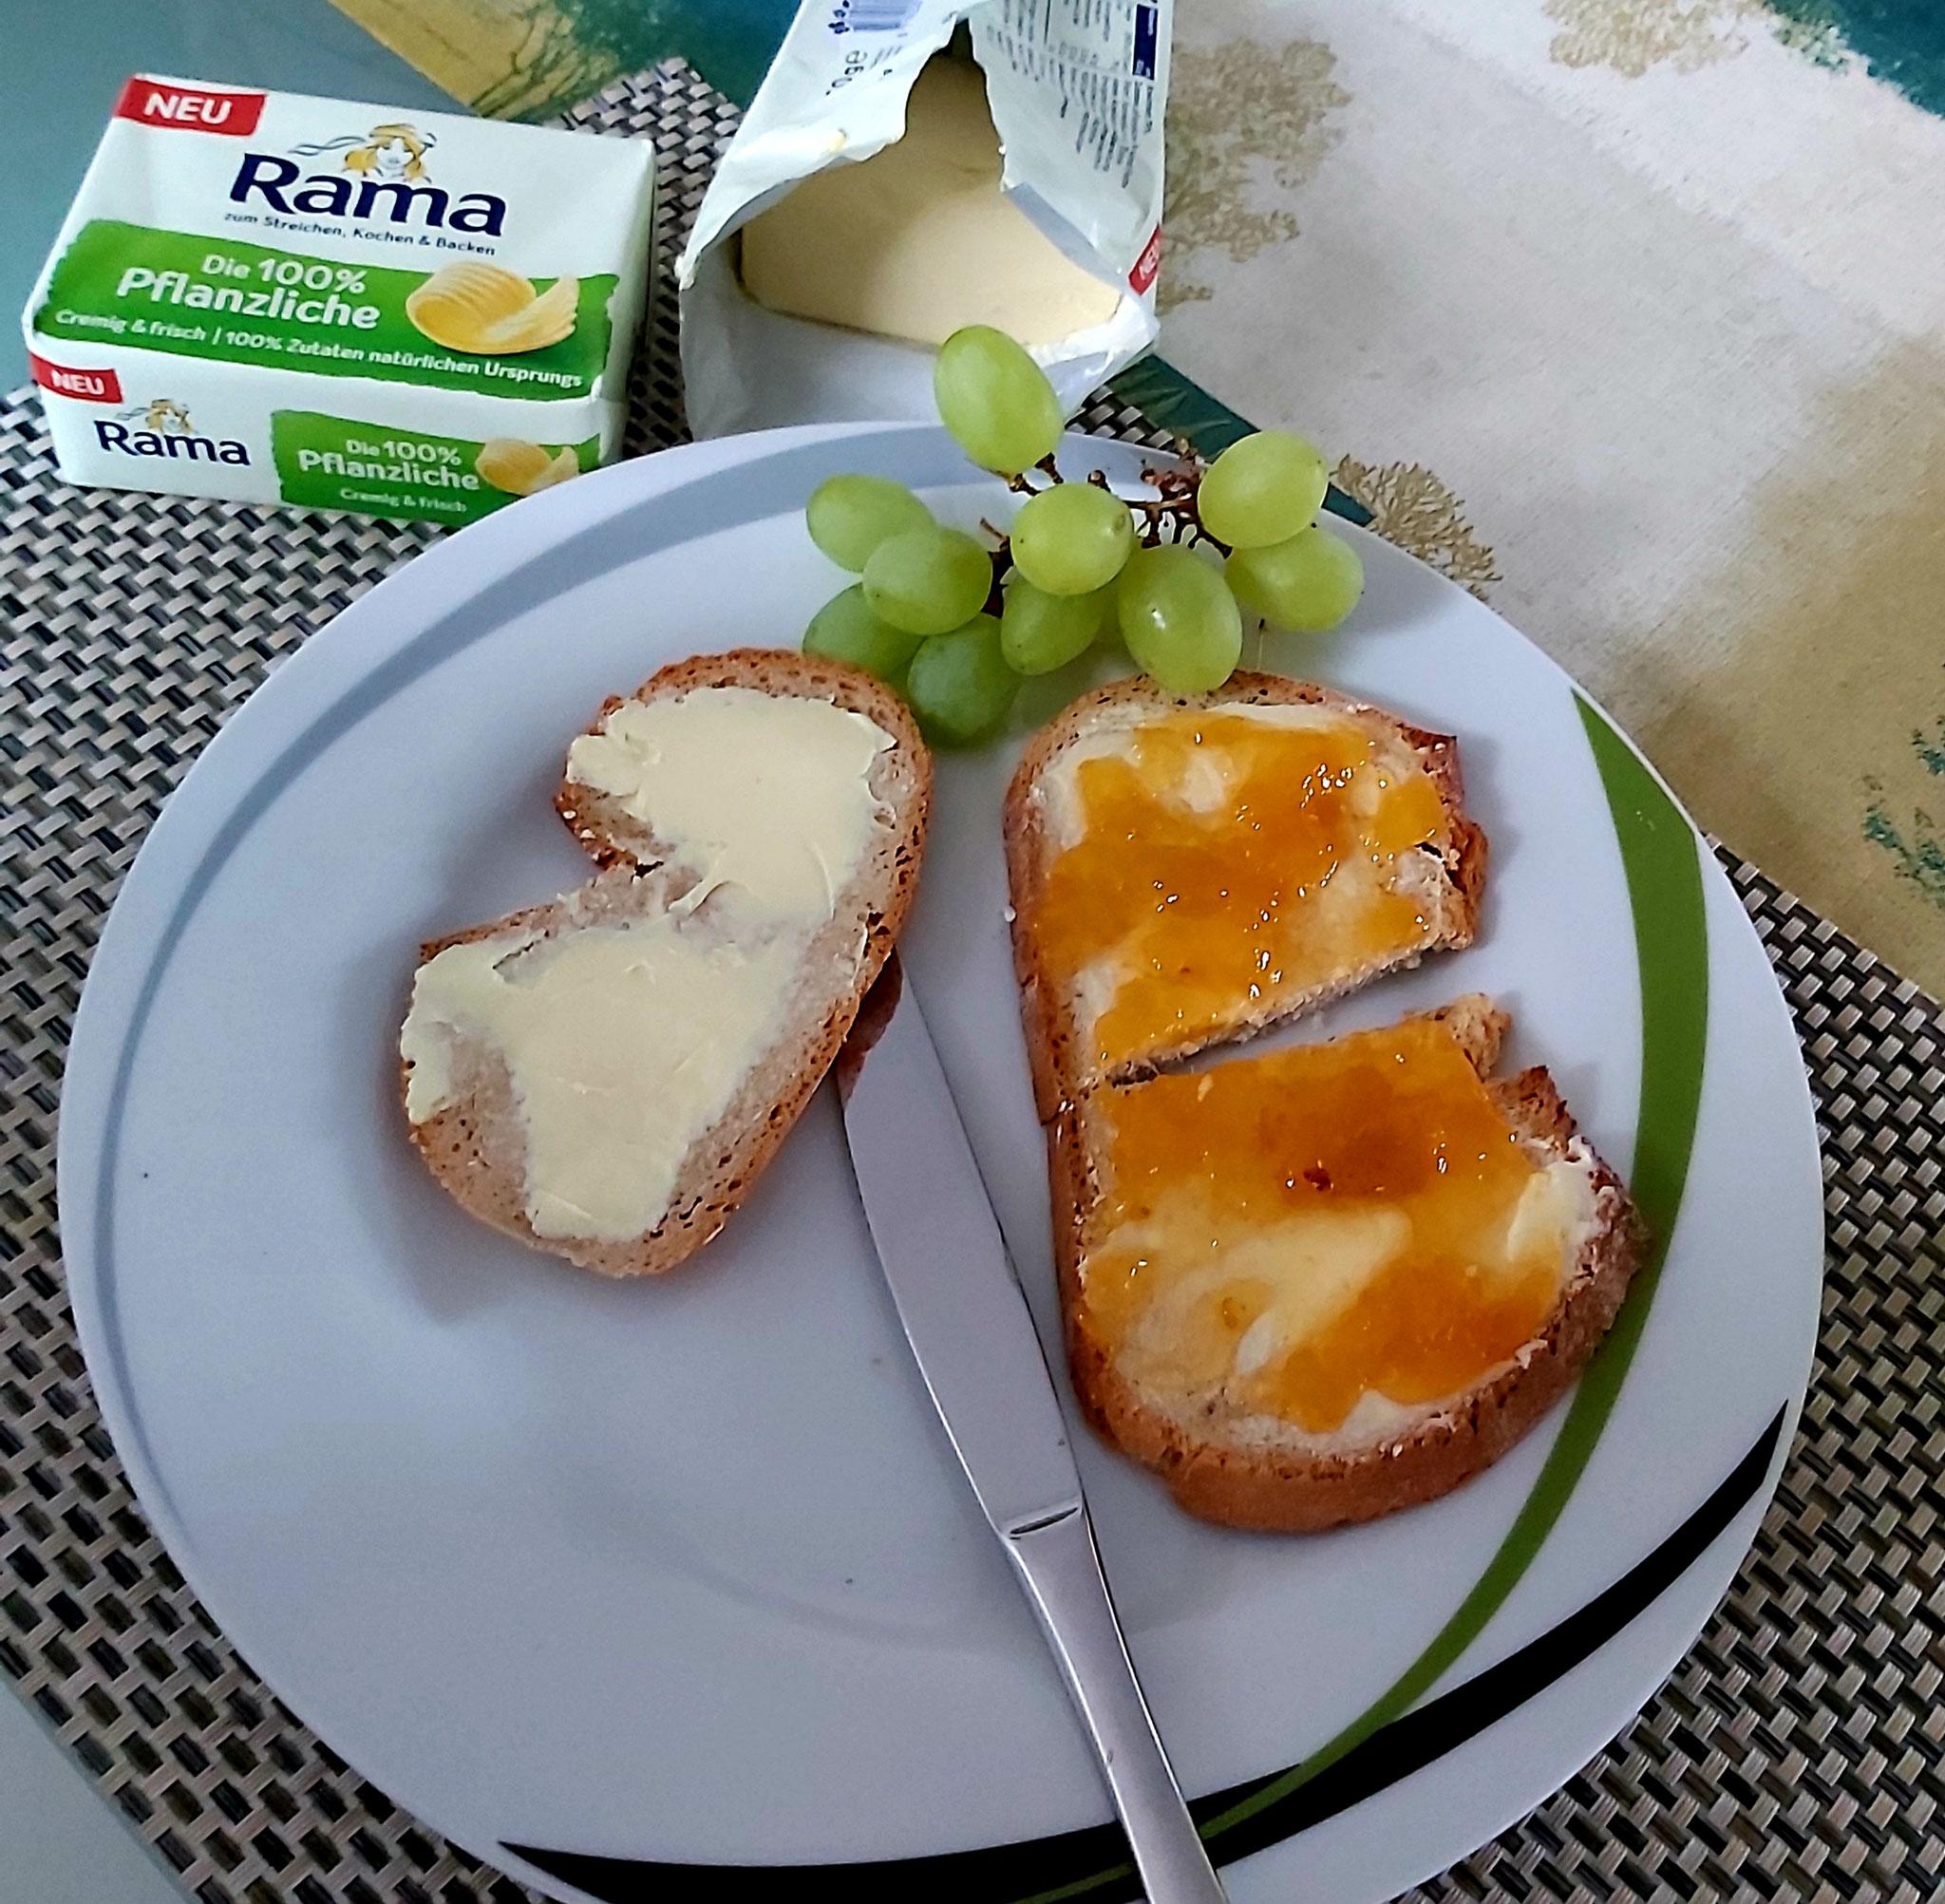 Frühstück mit der neuen RAMA